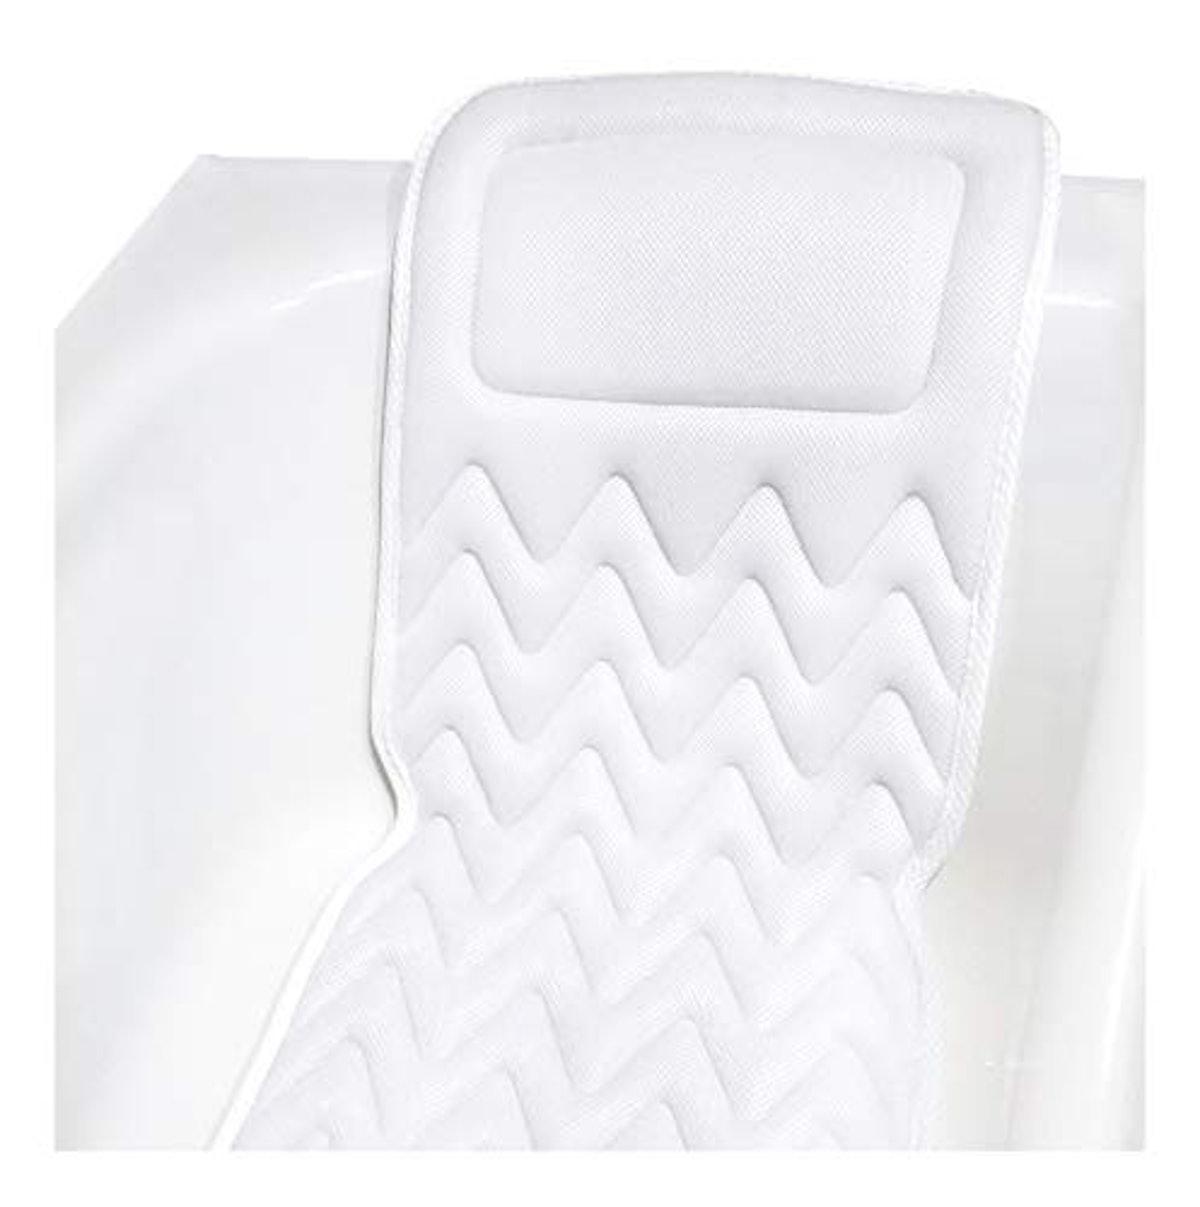 QuiltedAir BathBed Luxury Bath Pillow